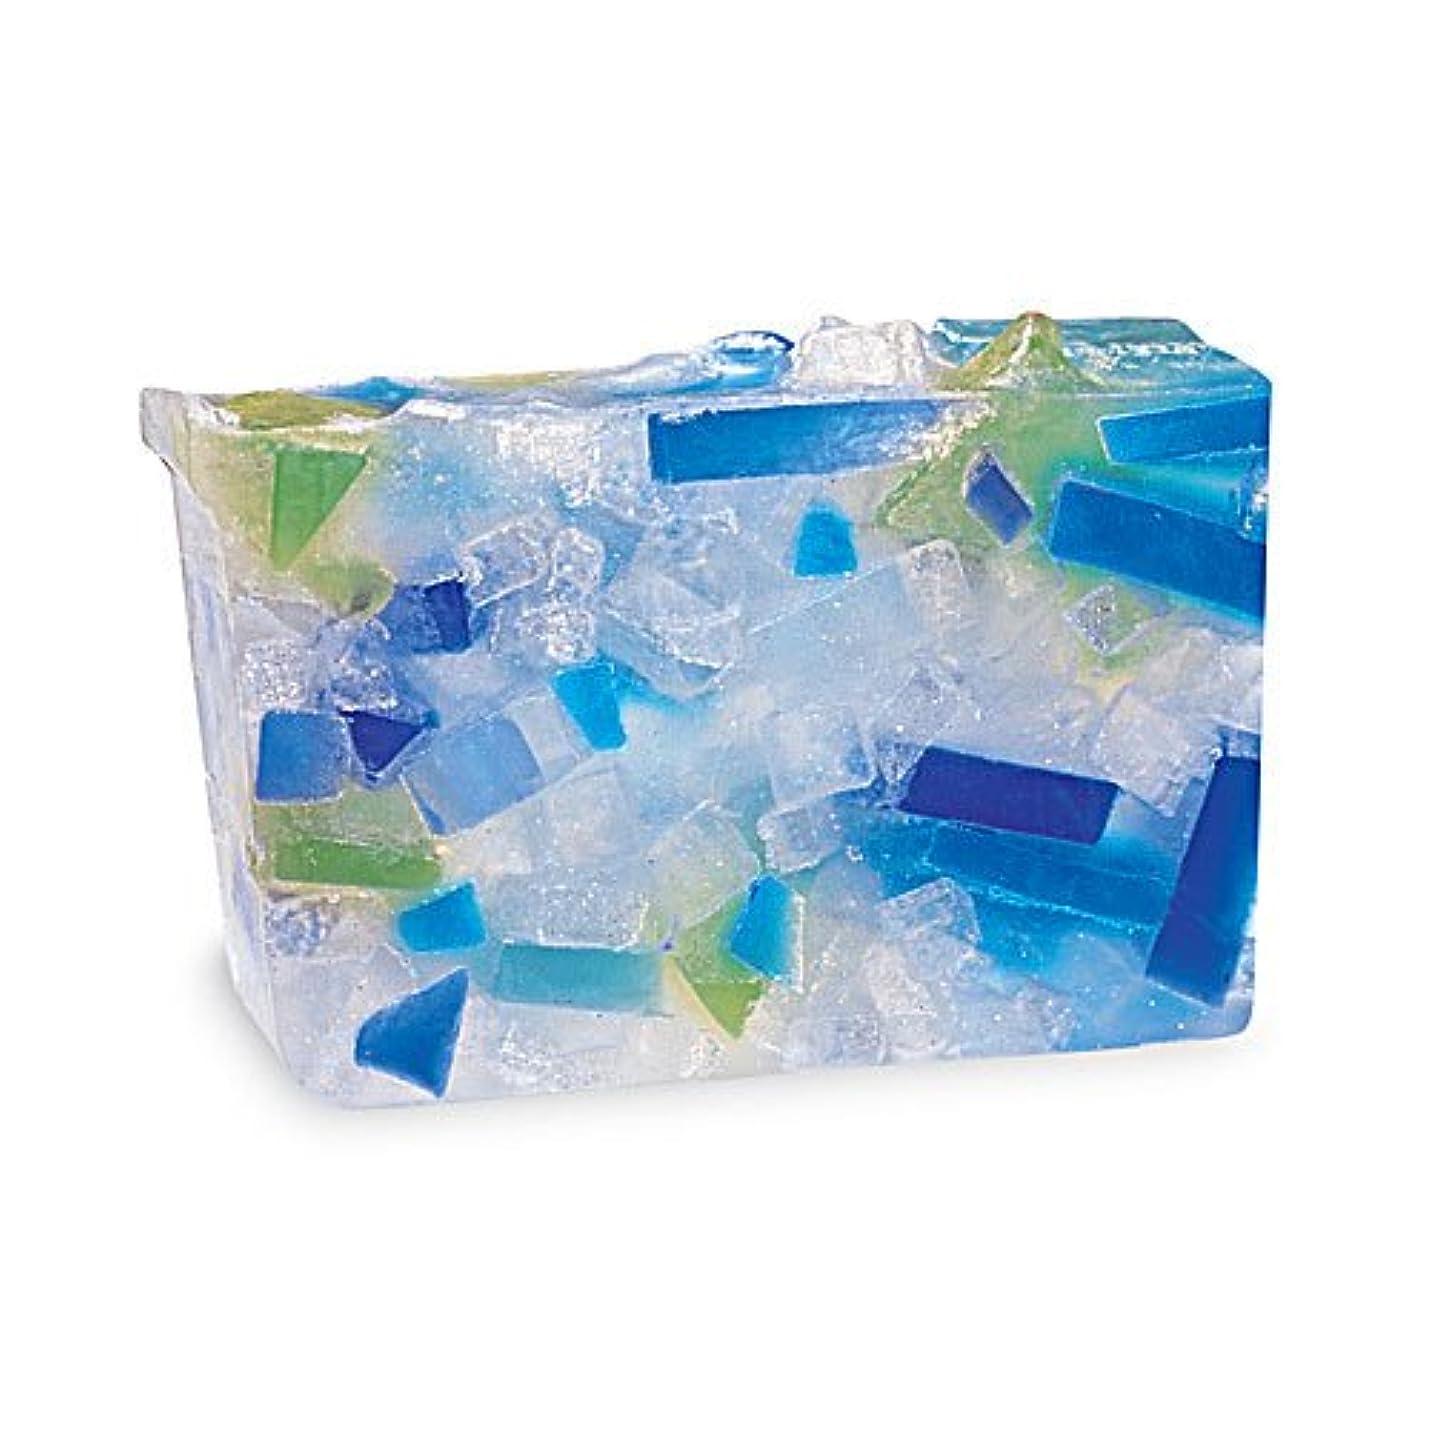 しかし床を掃除する物理的なプライモールエレメンツ アロマティック ソープ ビーチグラス 180g 植物性 ナチュラル 石鹸 無添加